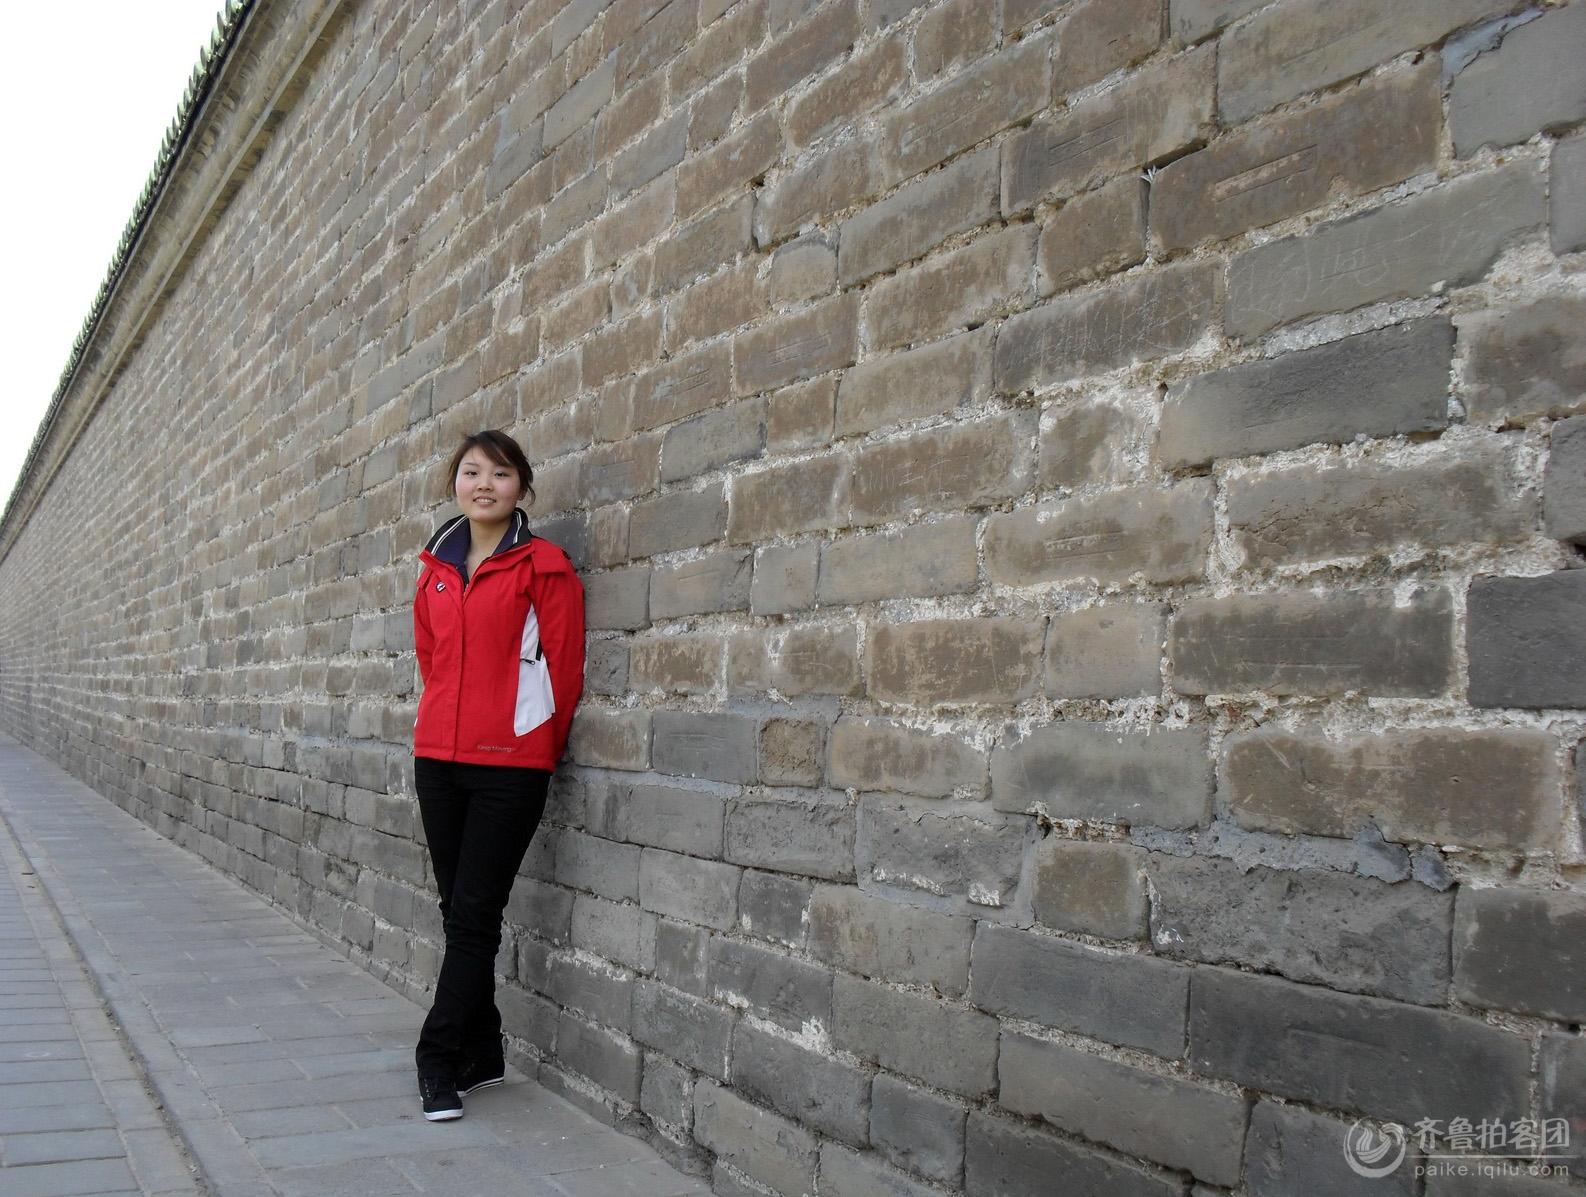 北京天坛的古墙与美女